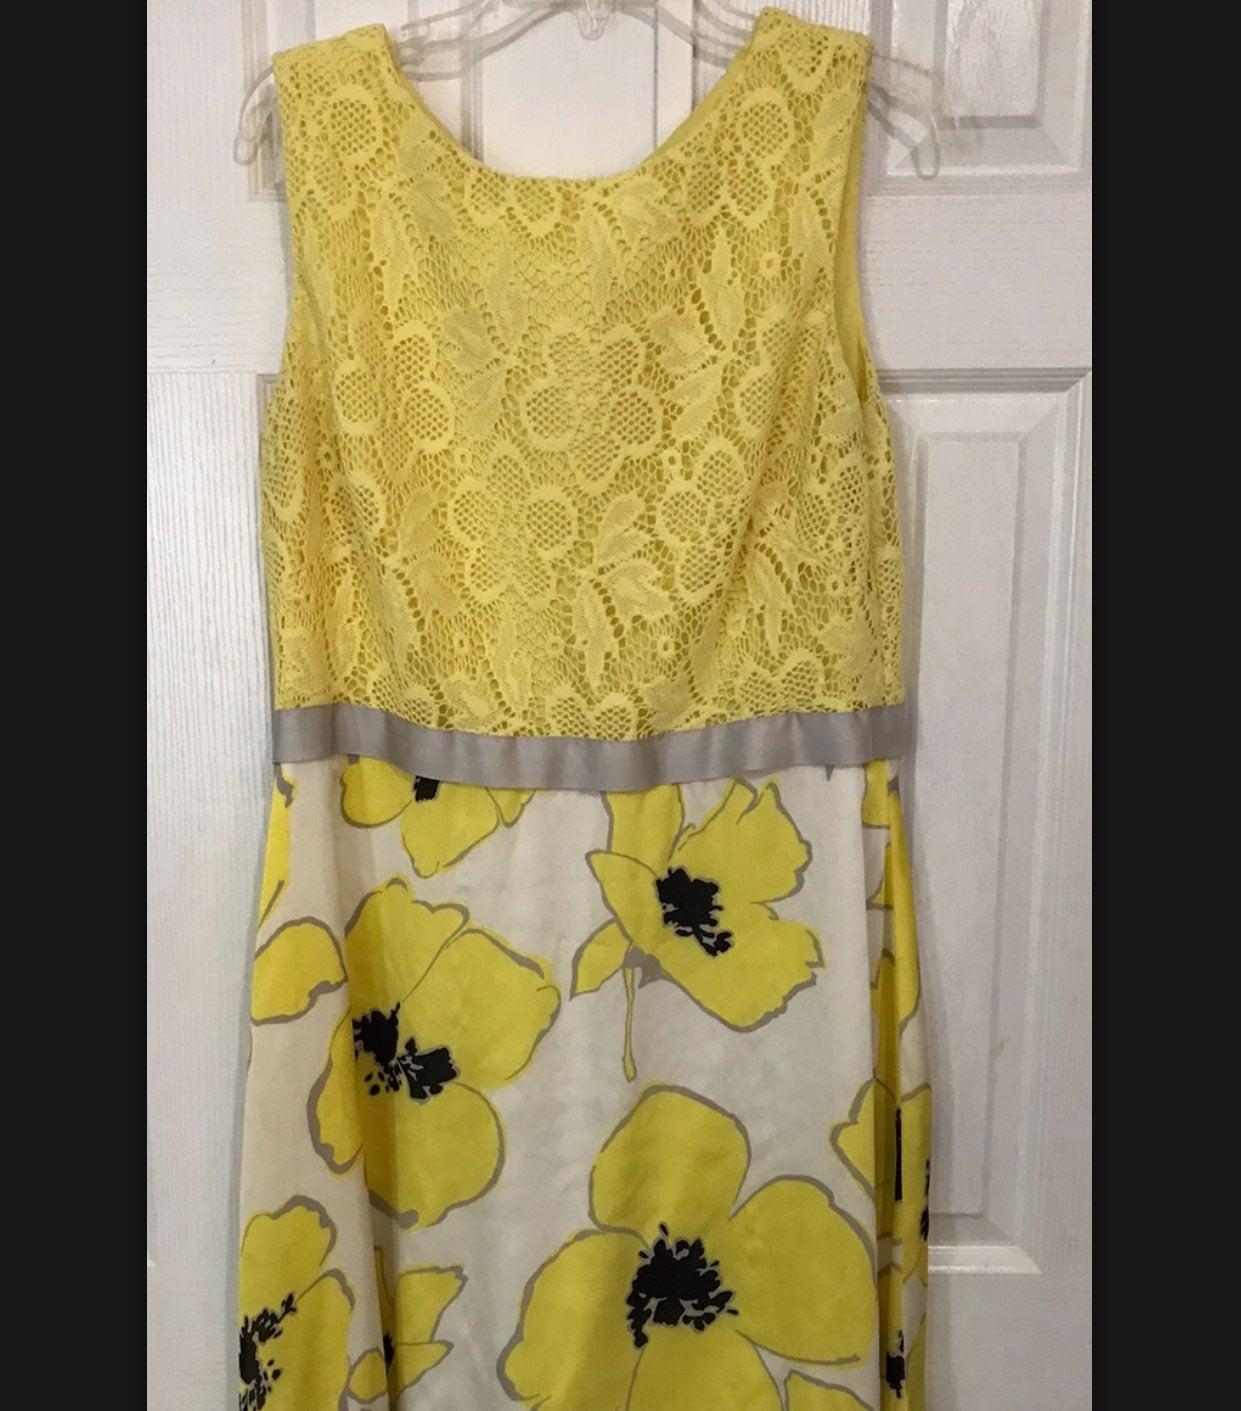 Sudio one Yellow Sleeveless Dress 18